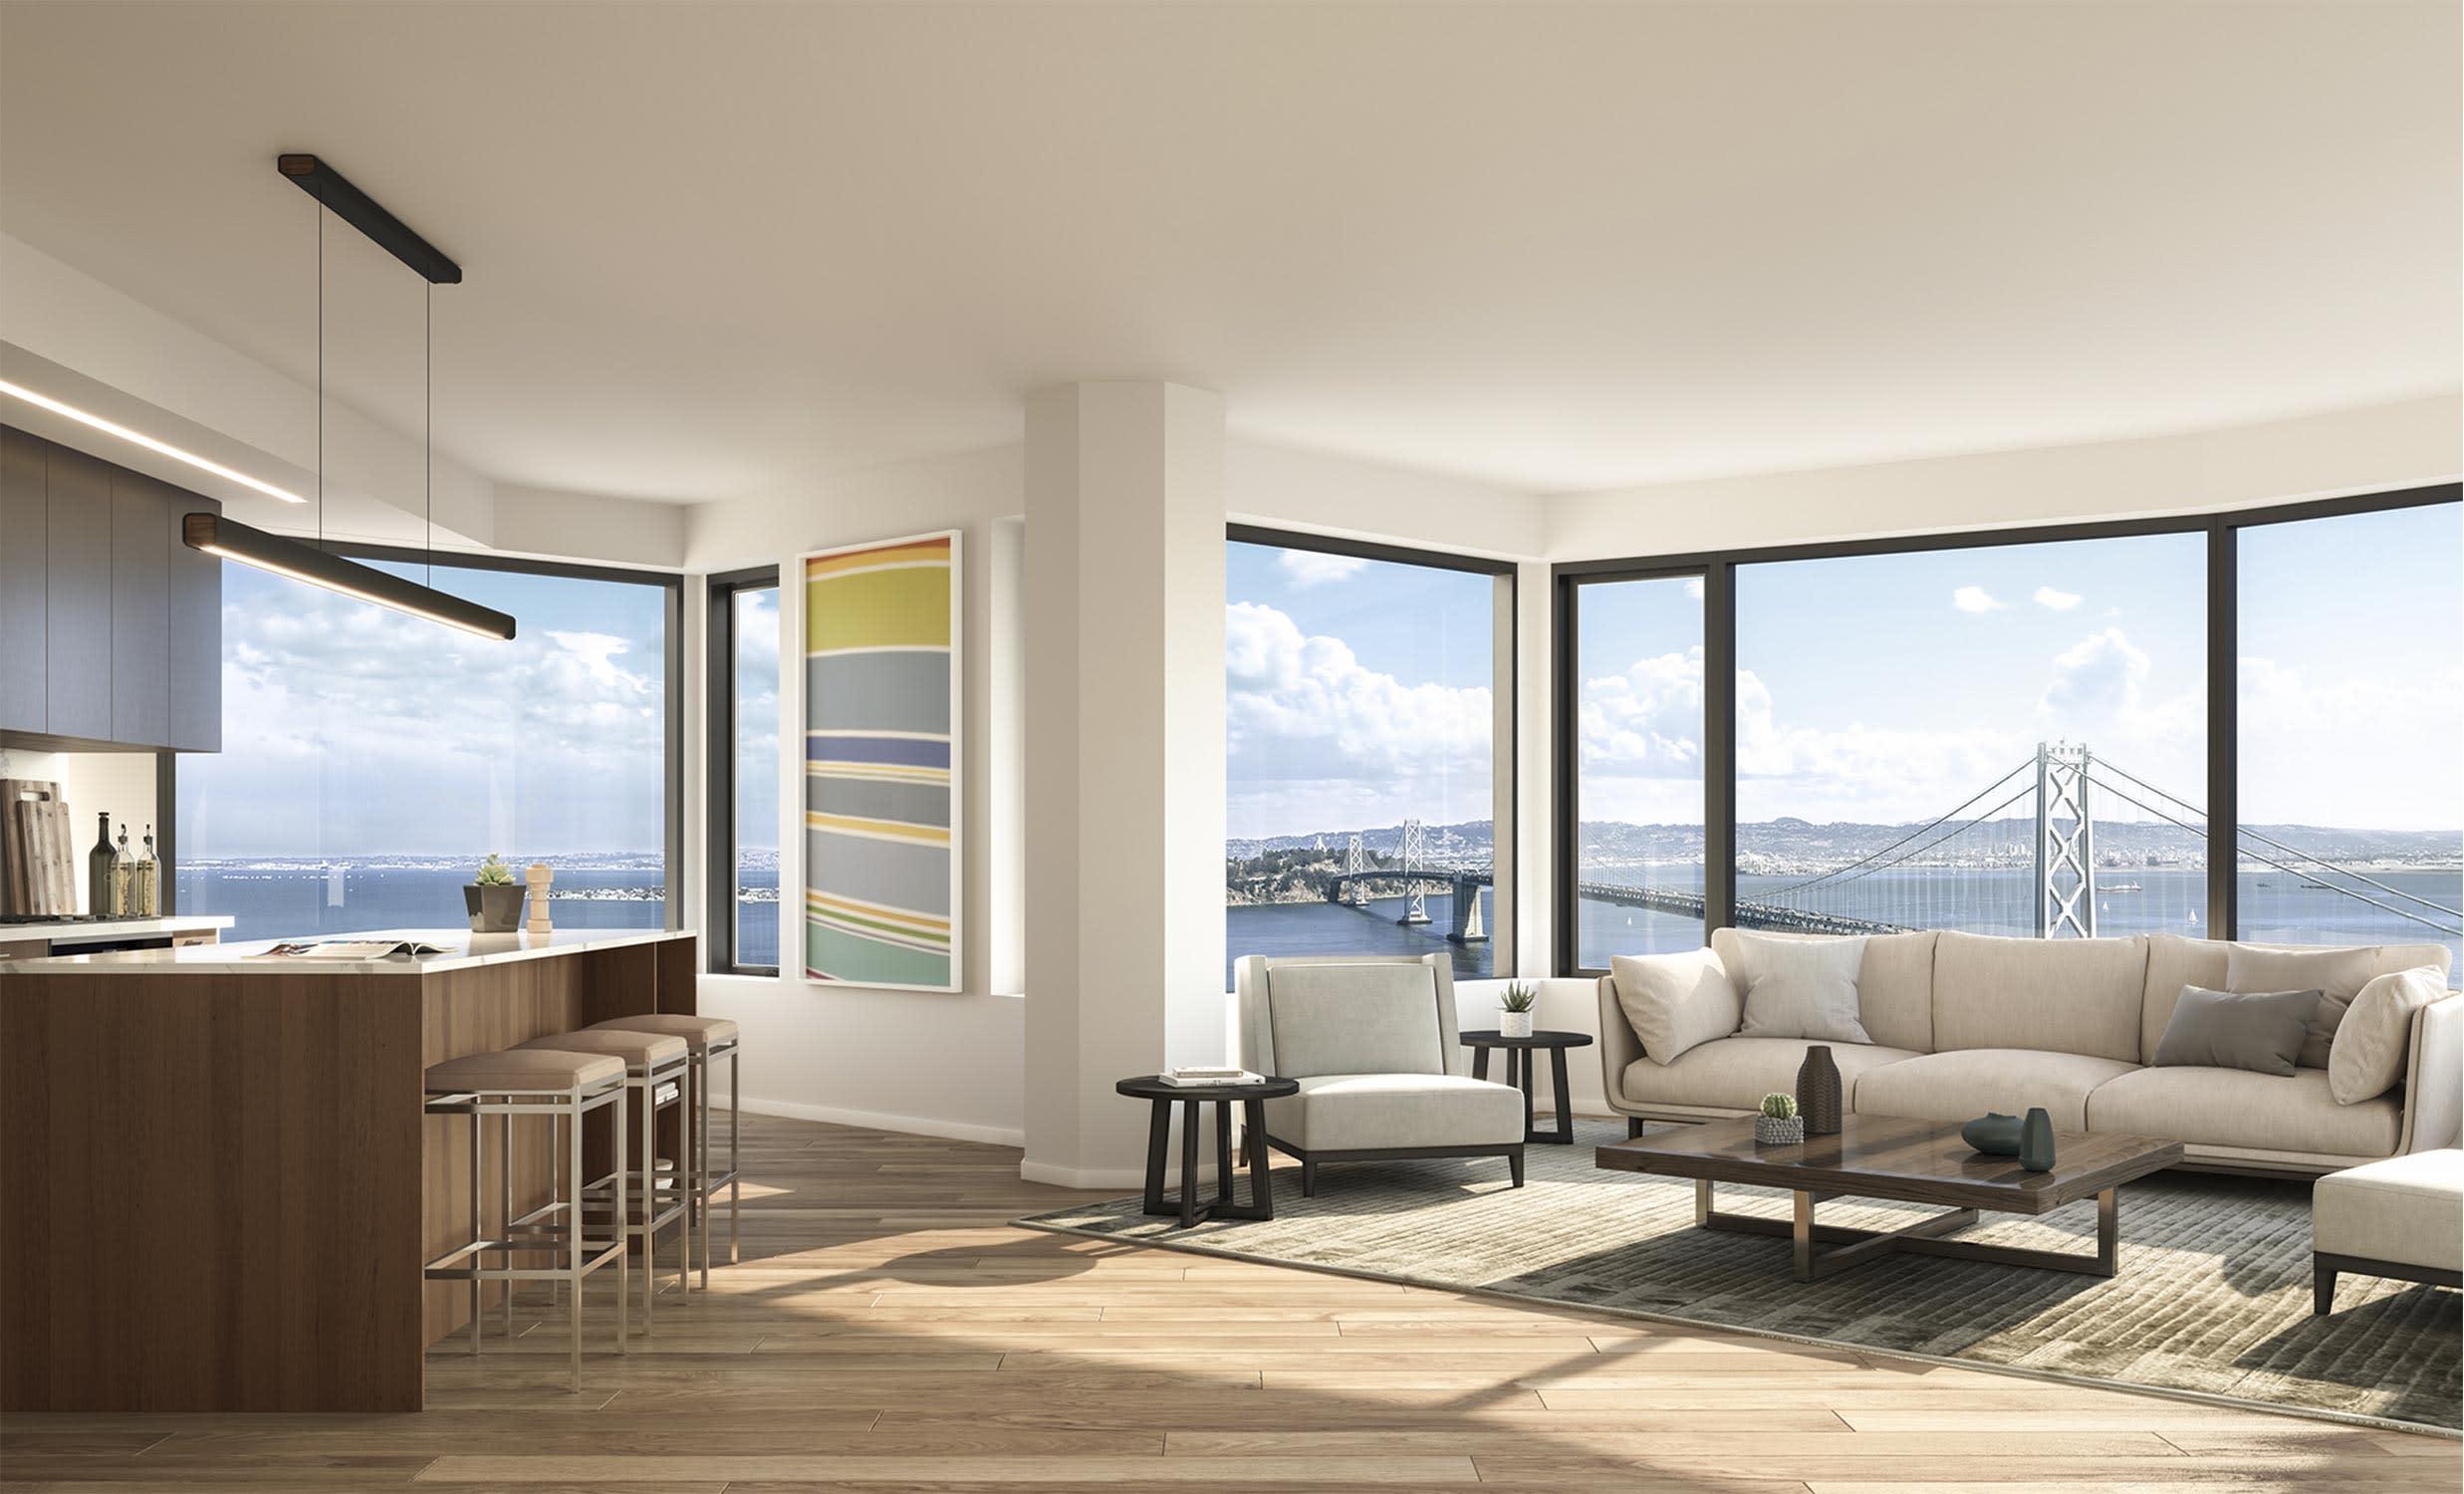 Espacio abierto y con ventanales para disfrutar las vistas